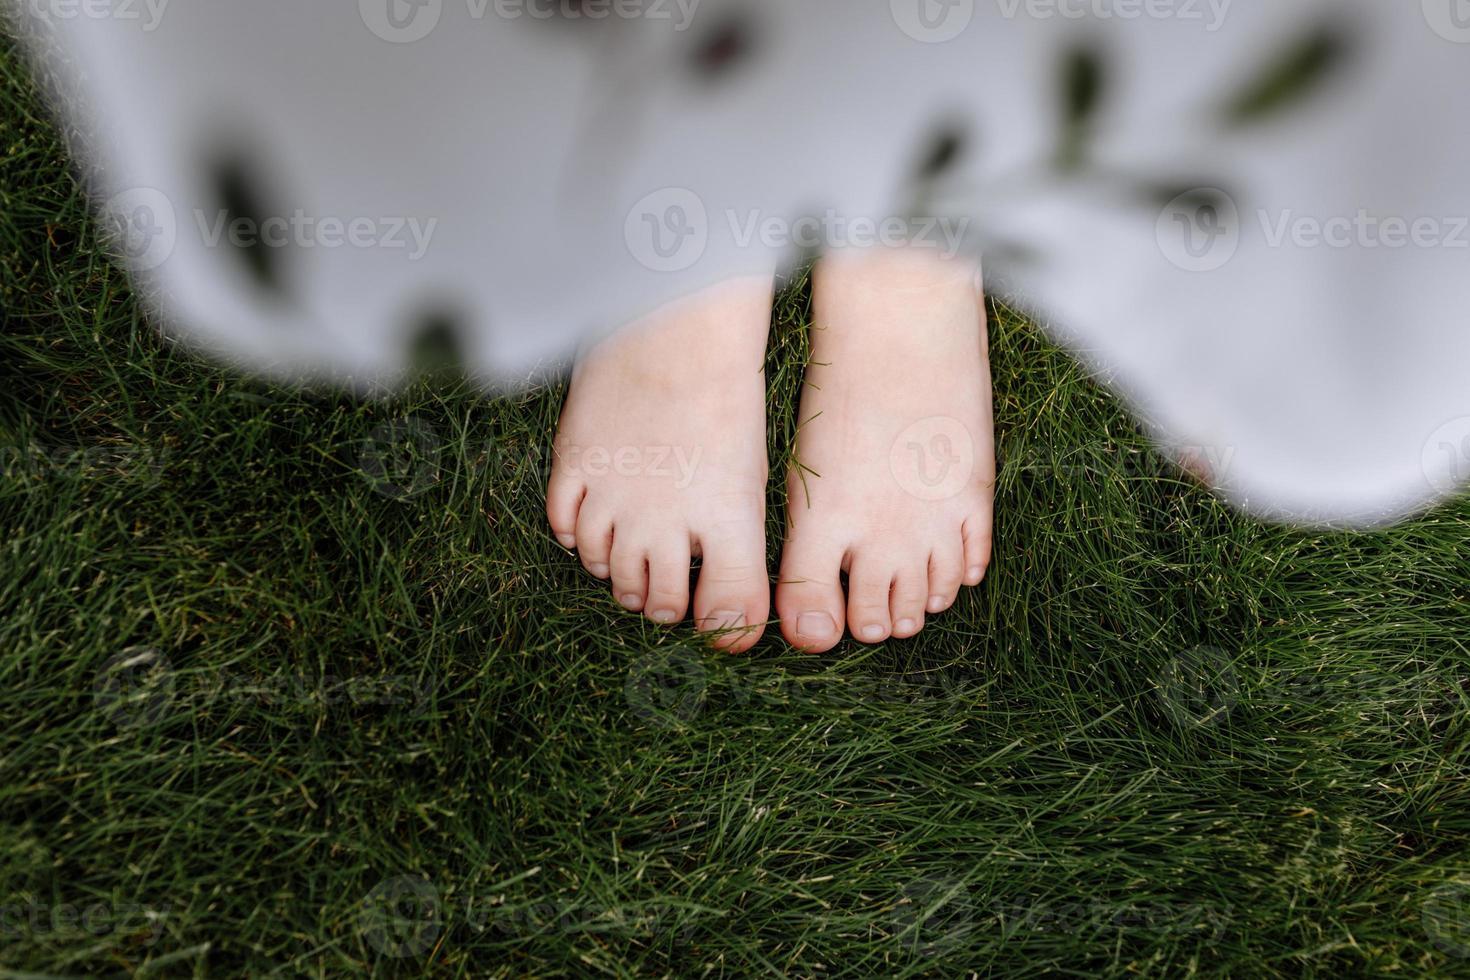 vista dall'alto primo piano dei piedi nudi del bambino sull'erba verde, concetto di natura foto